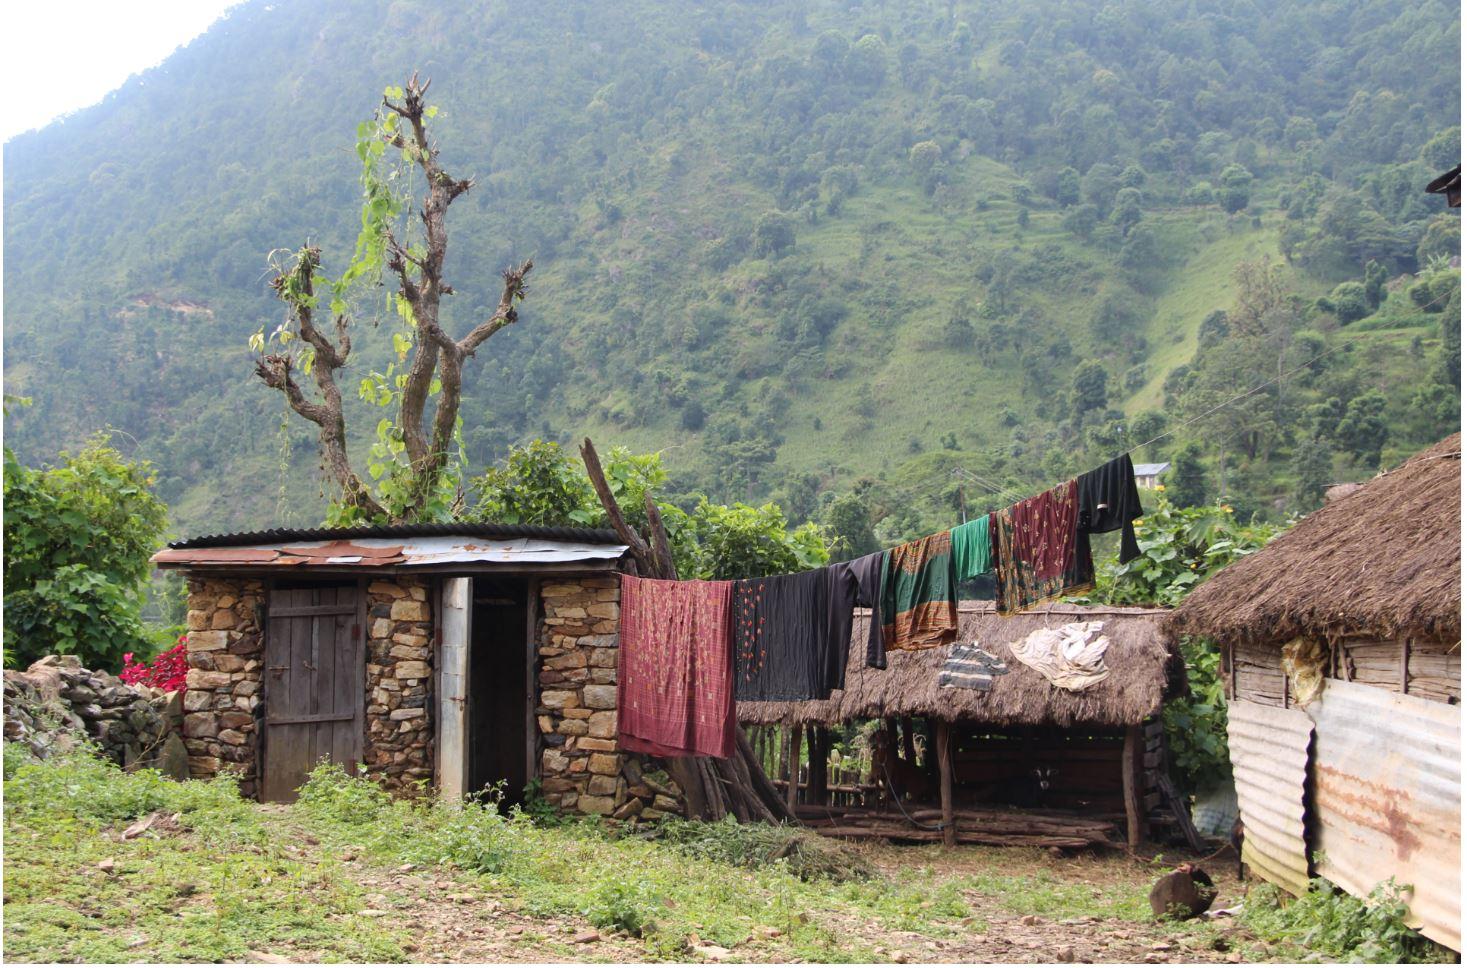 Ein nepalesisches Dorf in den Bergen.